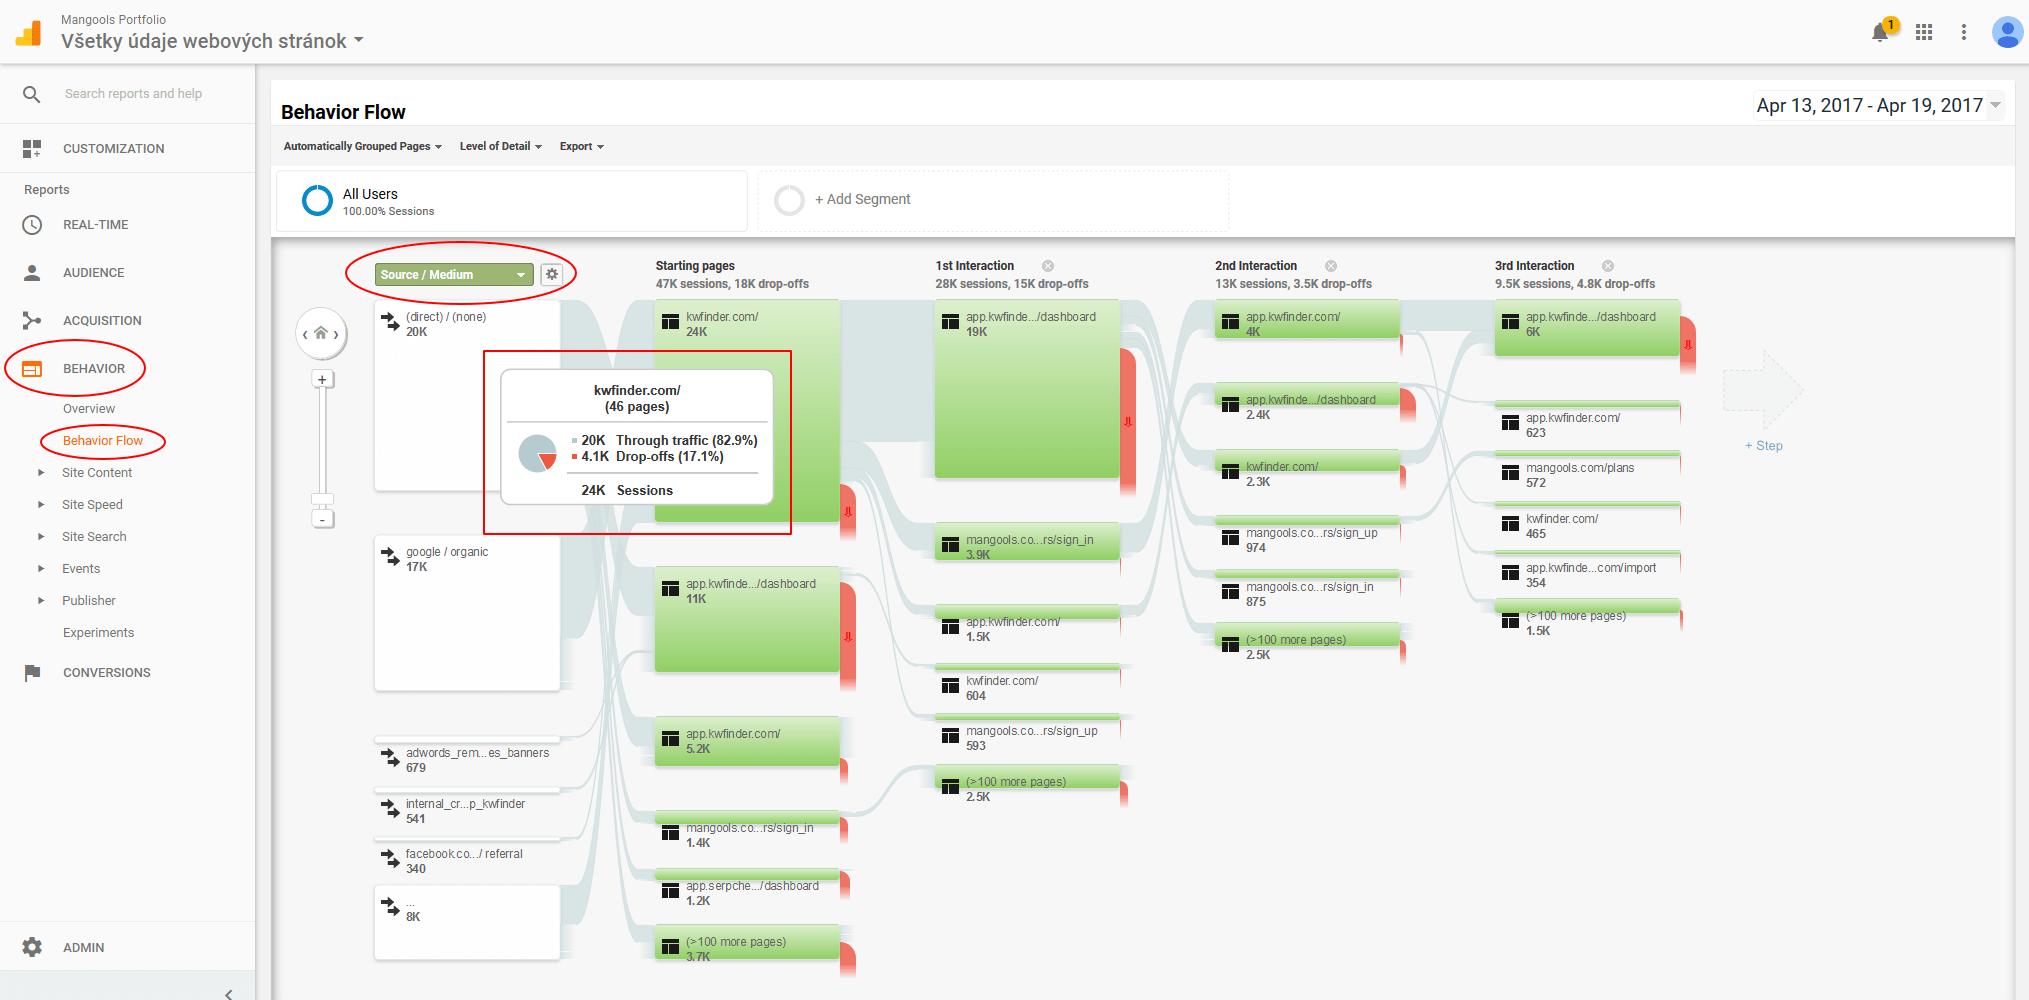 گزارش جریان رفتار کاربر در Google Anaytics